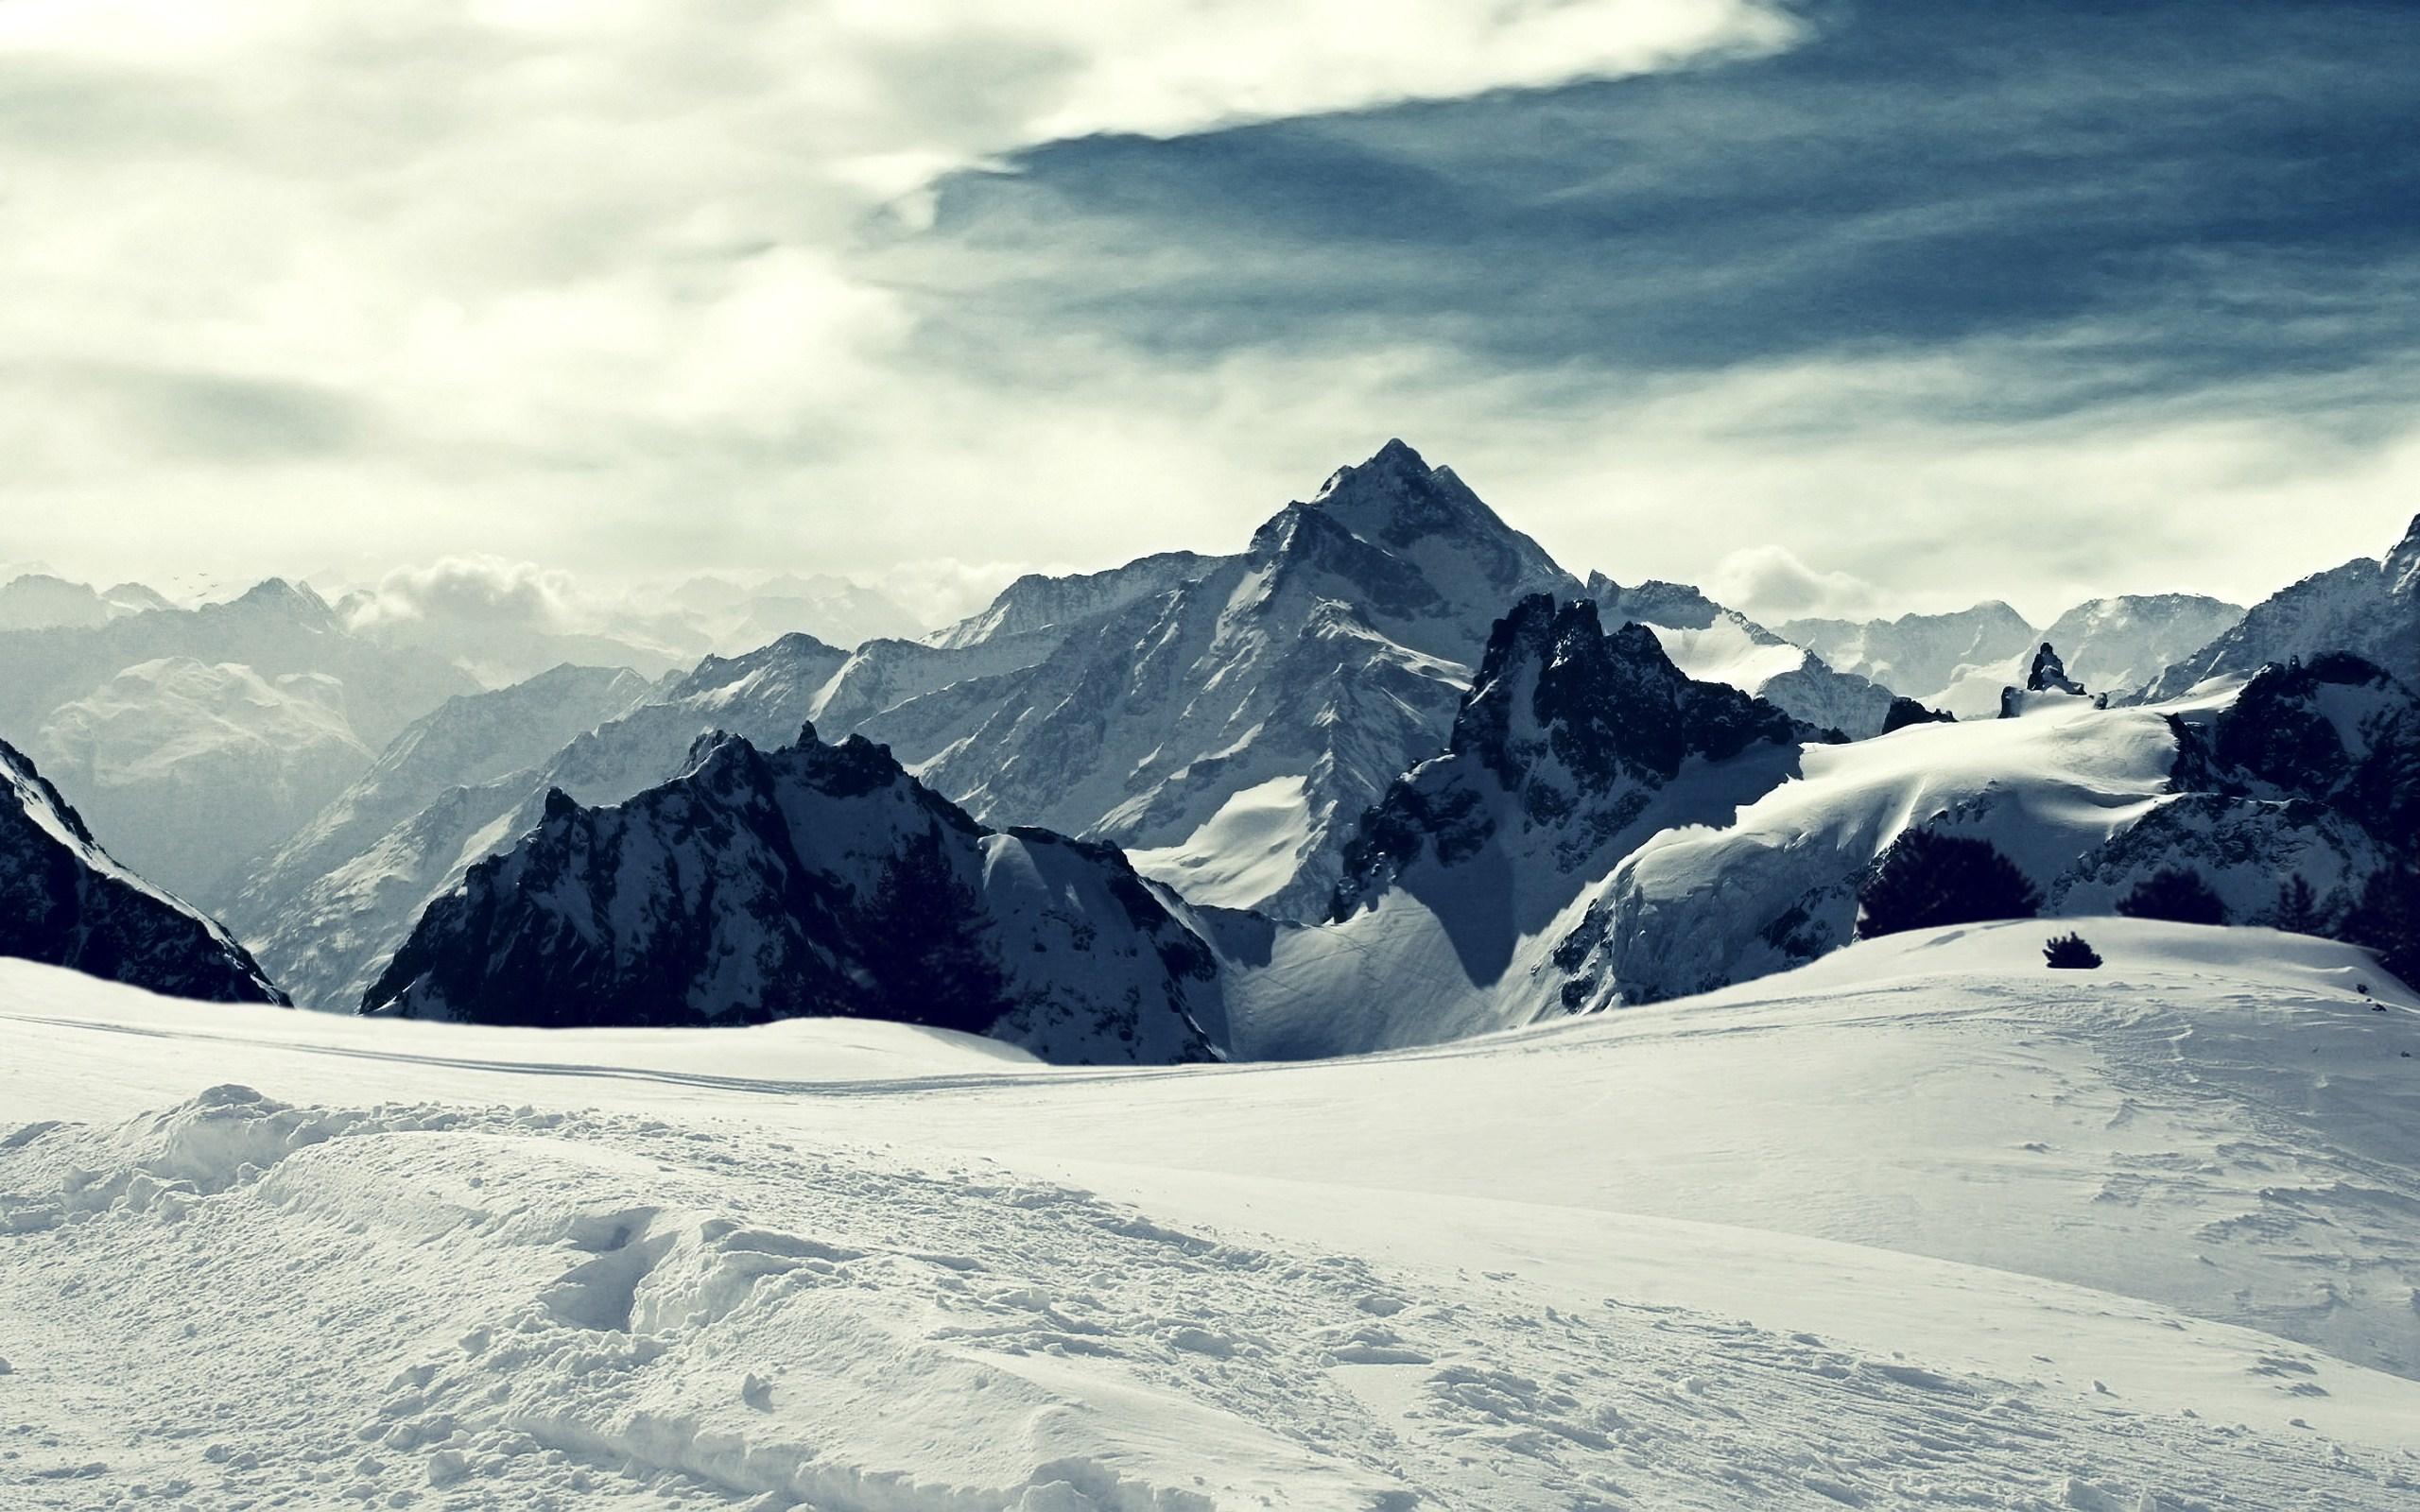 Mountain BG